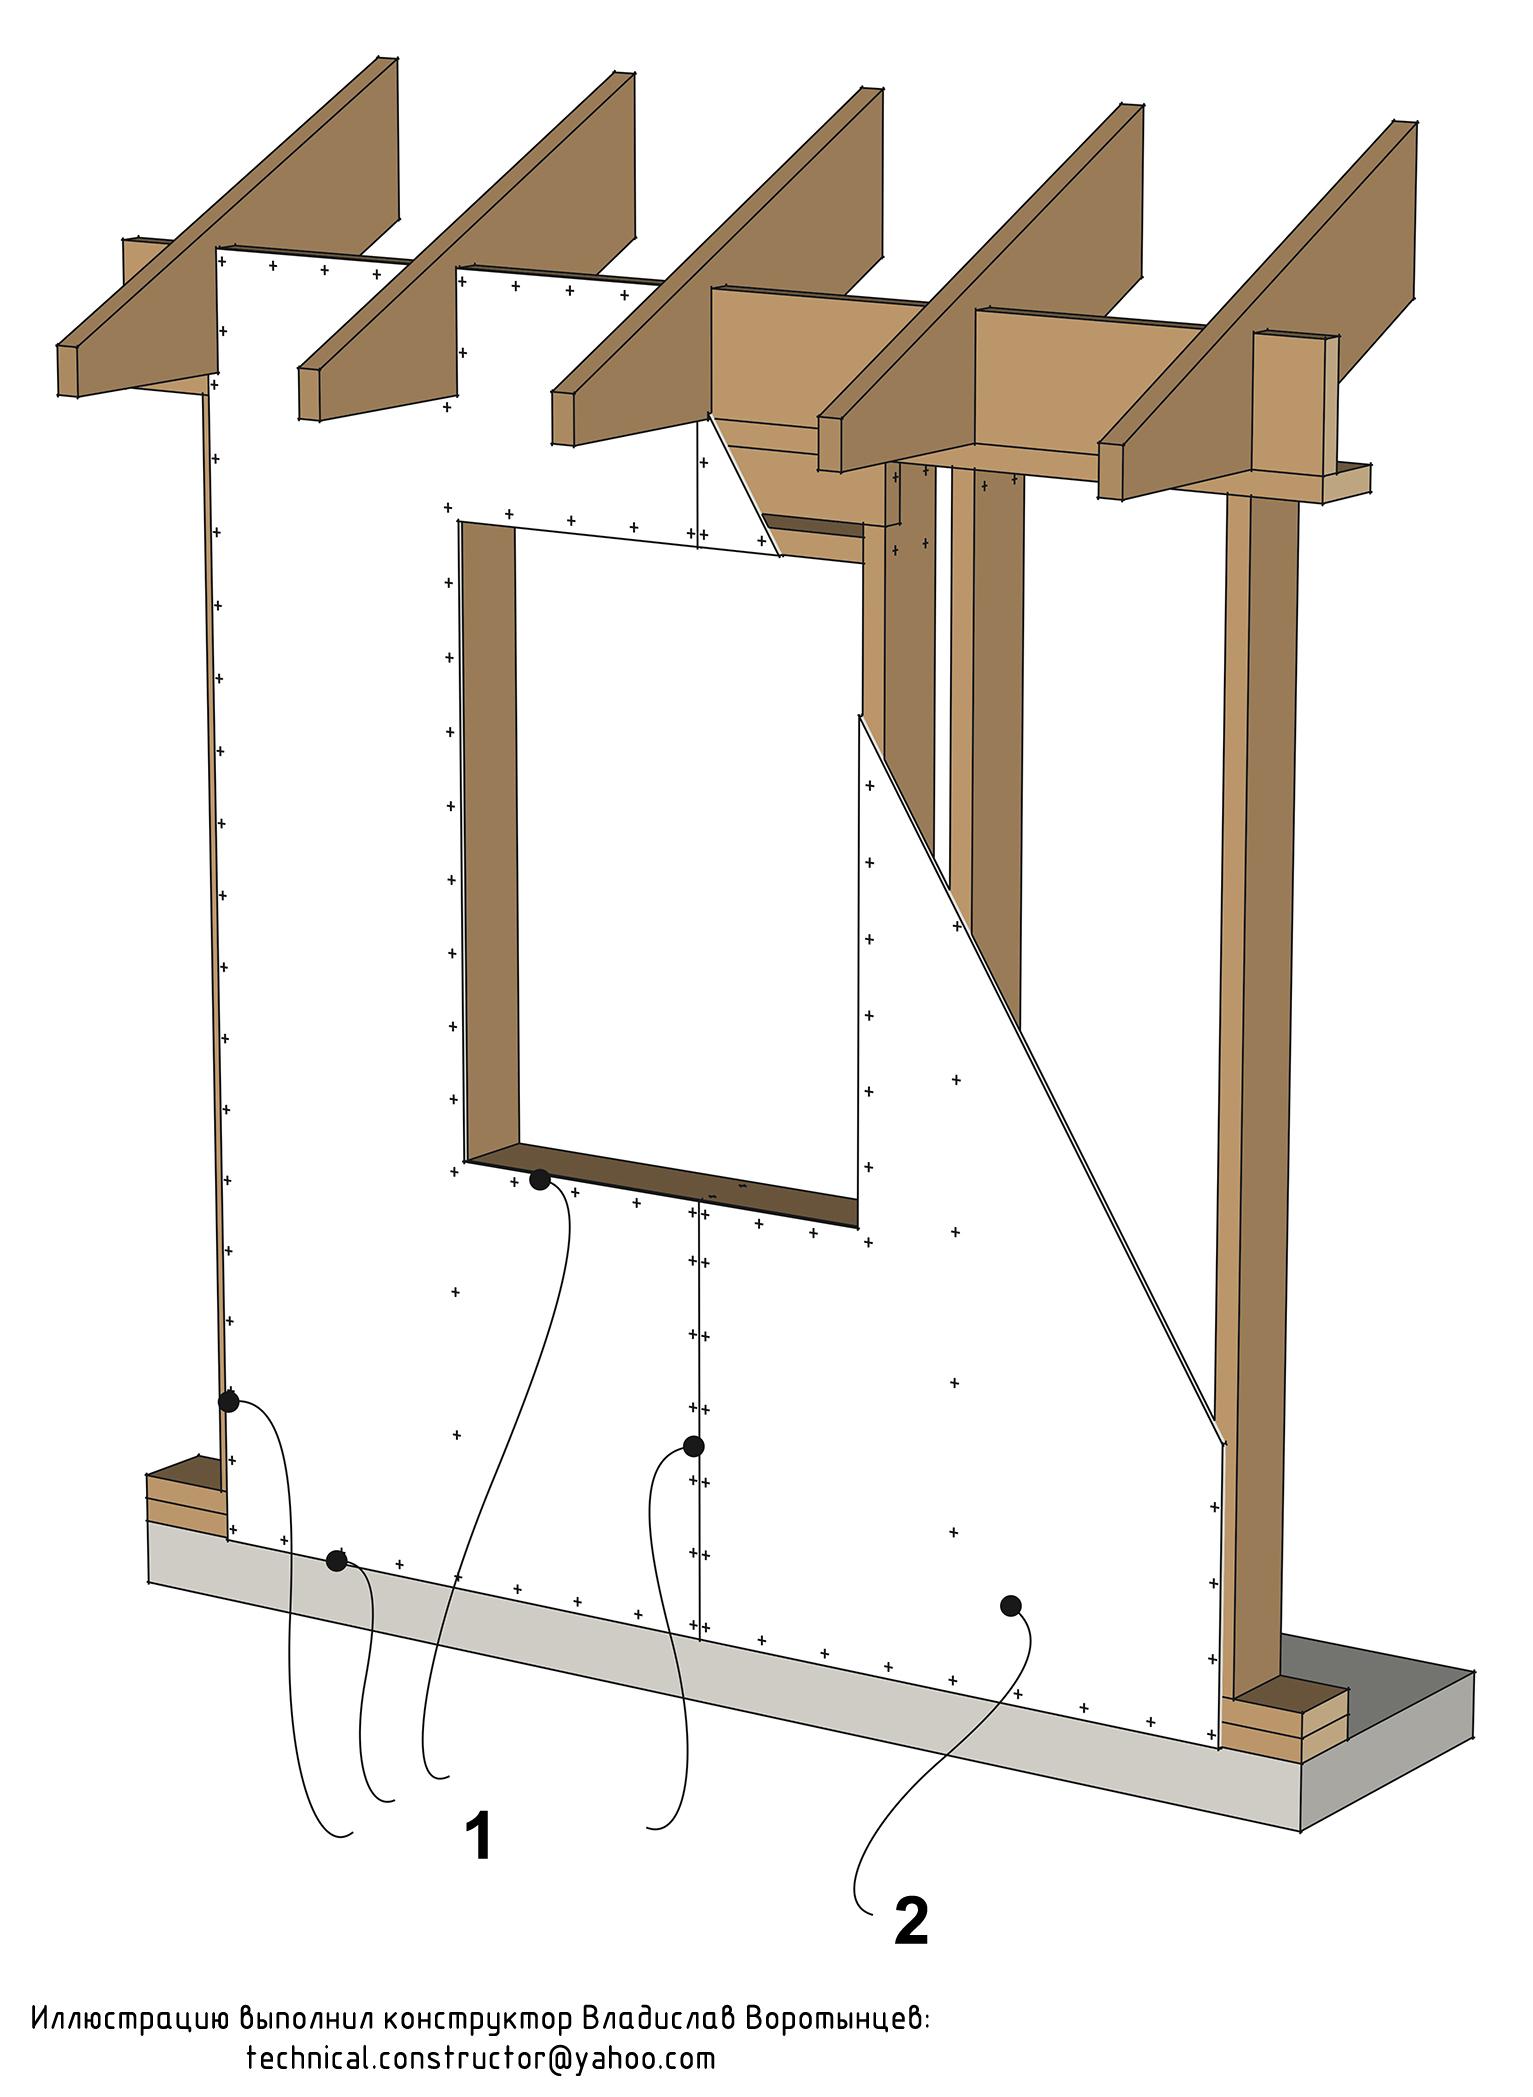 Рис. 9.28 Крепёж наружных плит ветрозащиты к каркасу деревянной стены. Обеспечение жёсткости каркаса при восприятии ветровых нагрузок